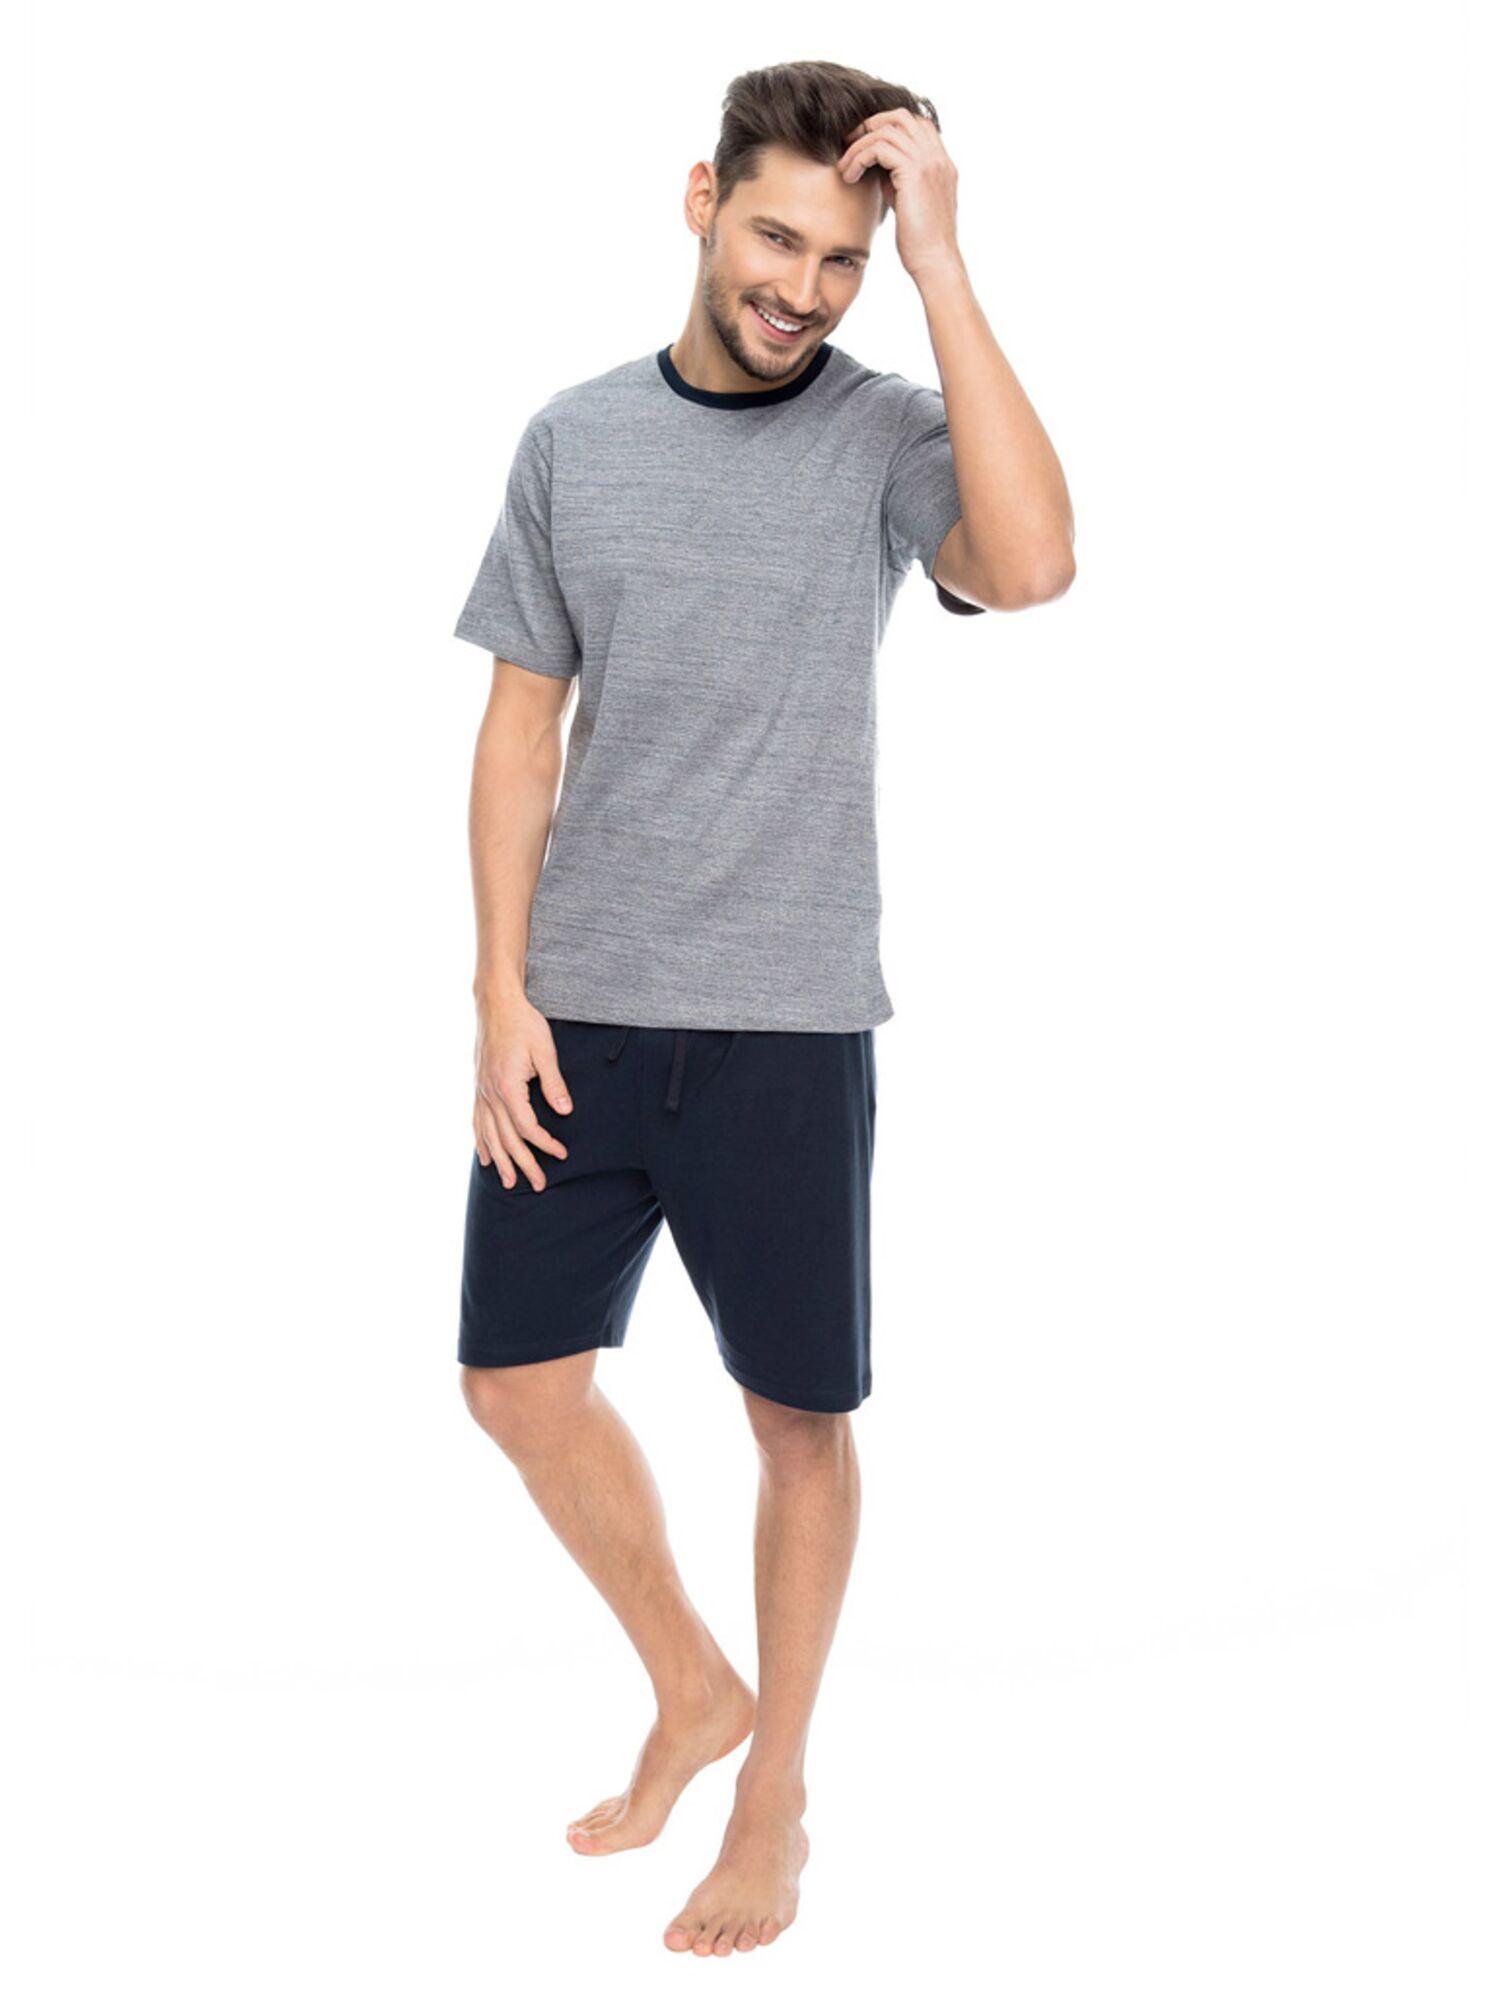 Комплект мужской с шортами PY-086 графит